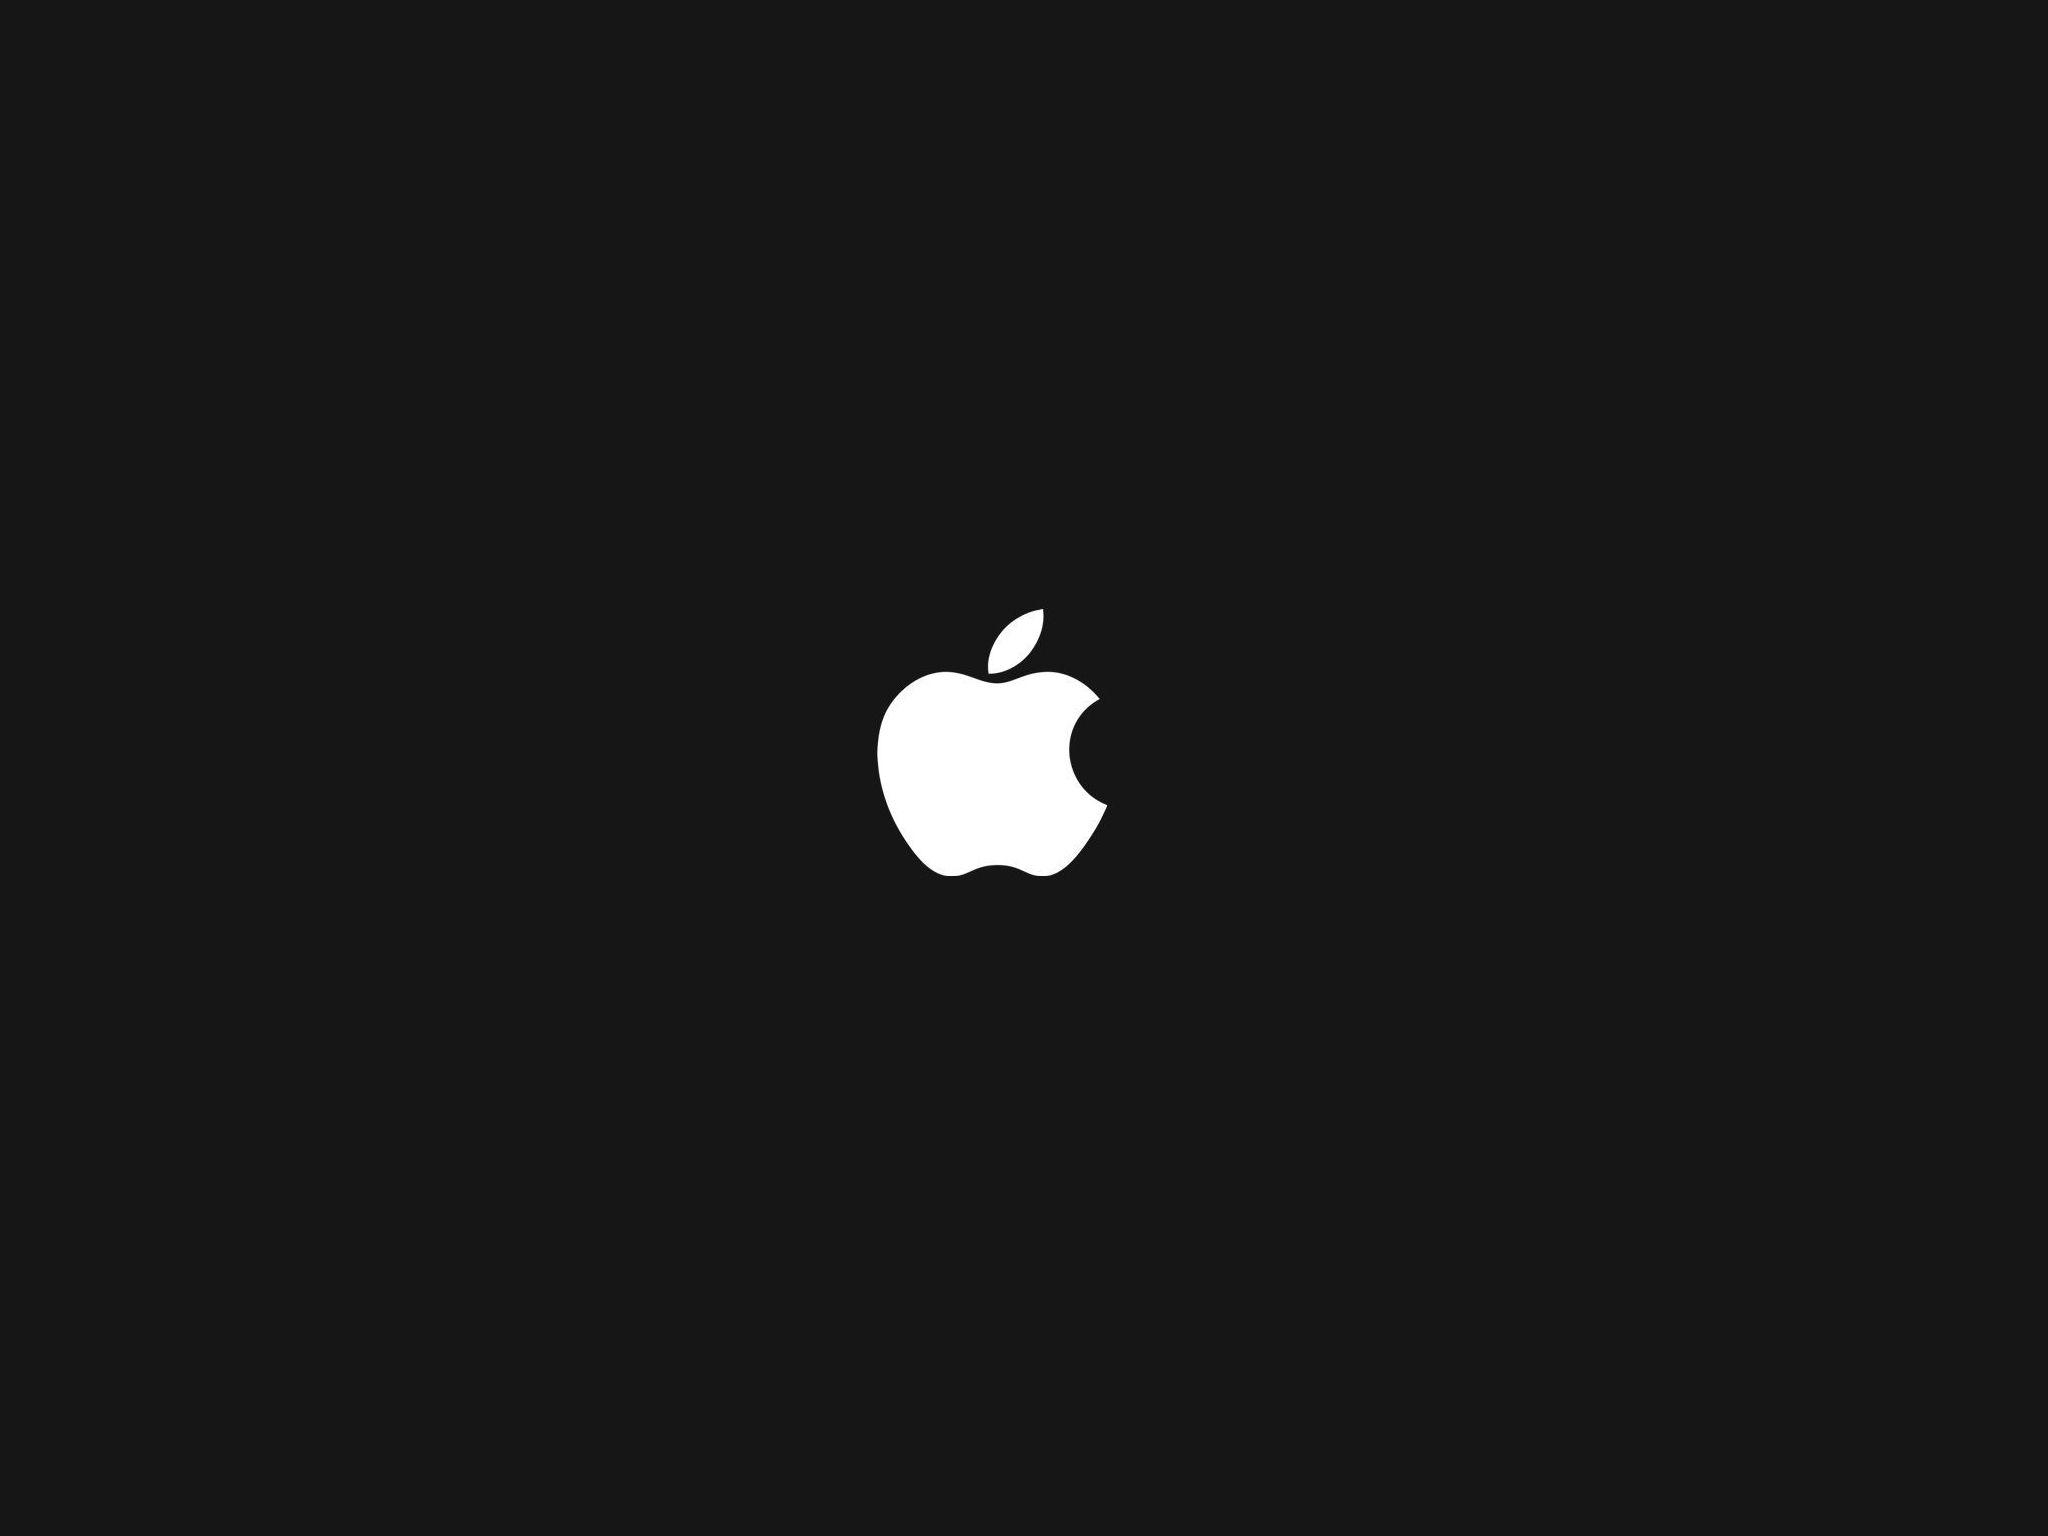 iPad3 800 2048x1536